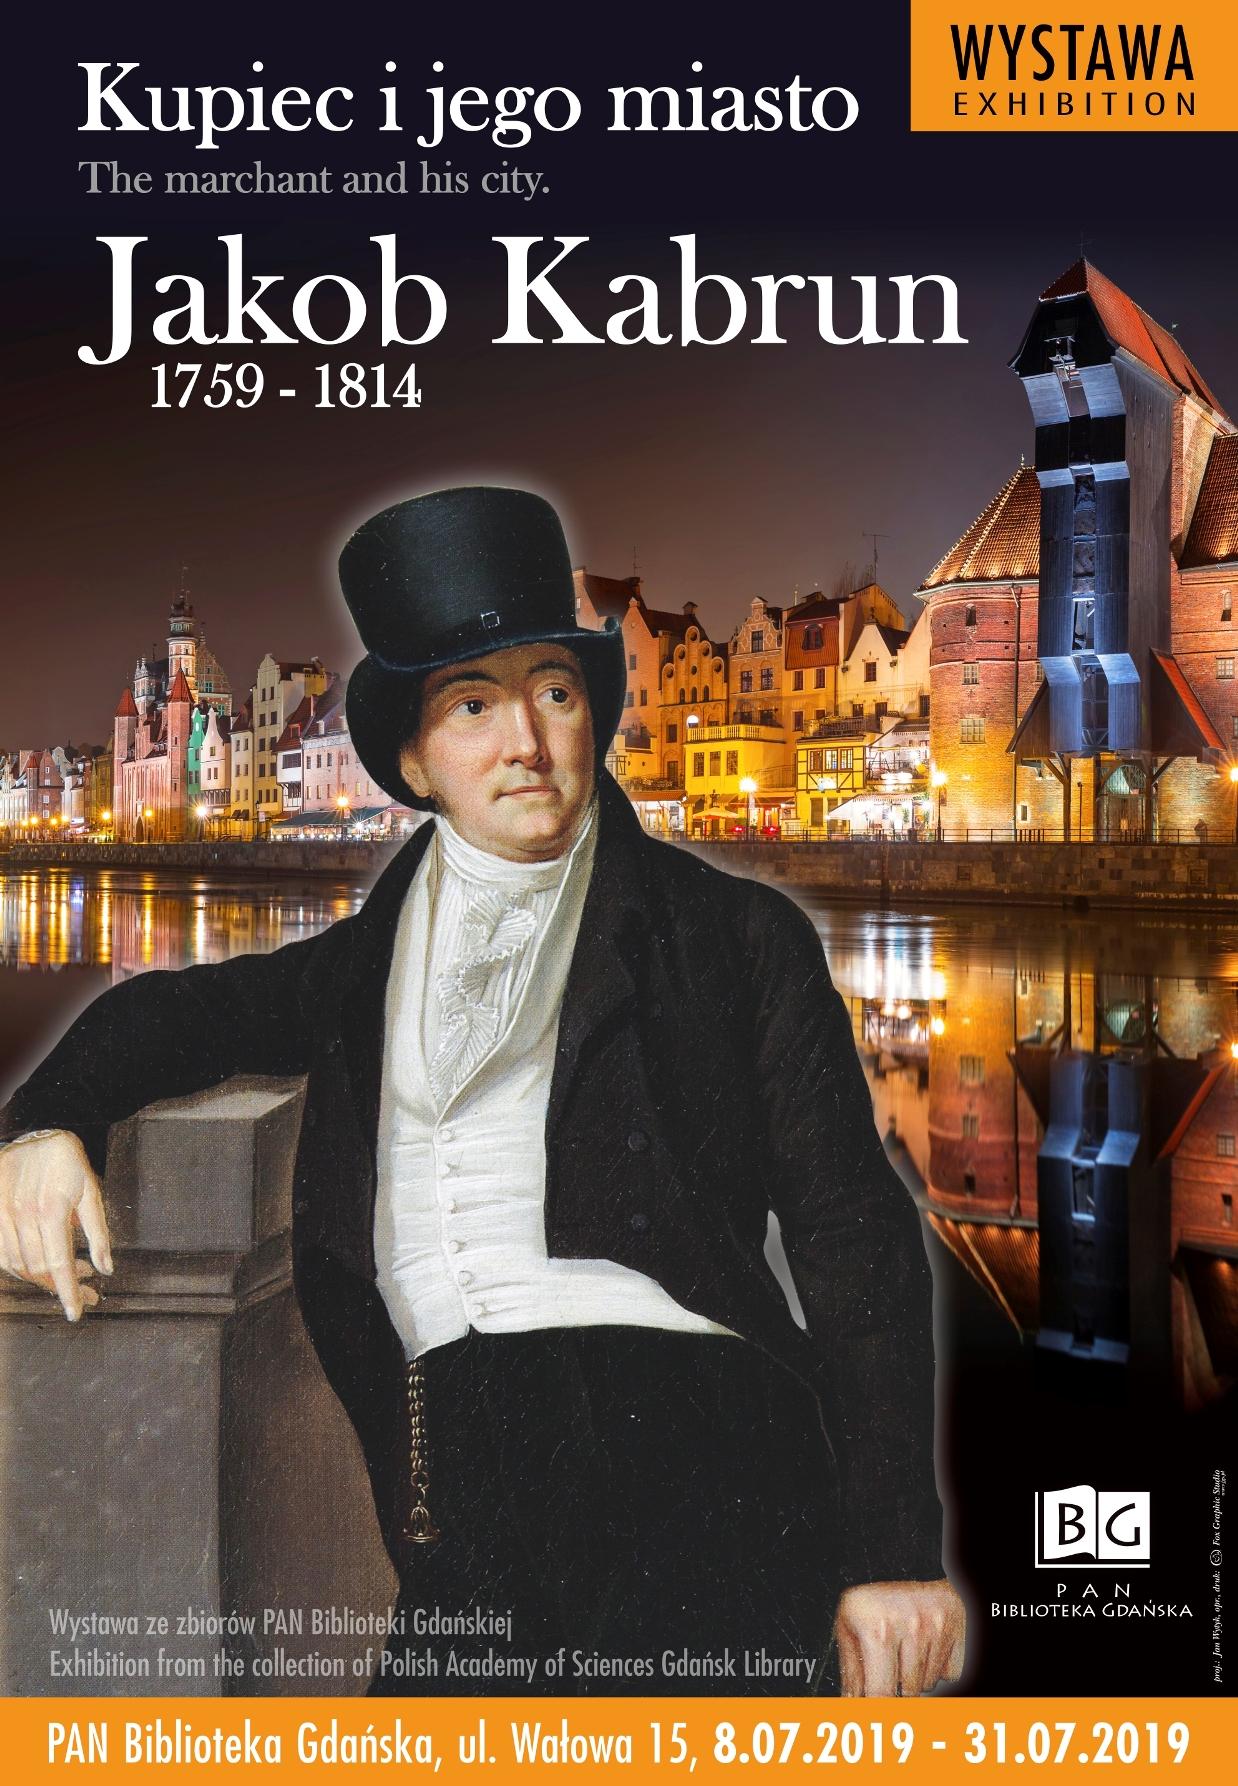 Plakat wystawy Kupiec i jego miasto